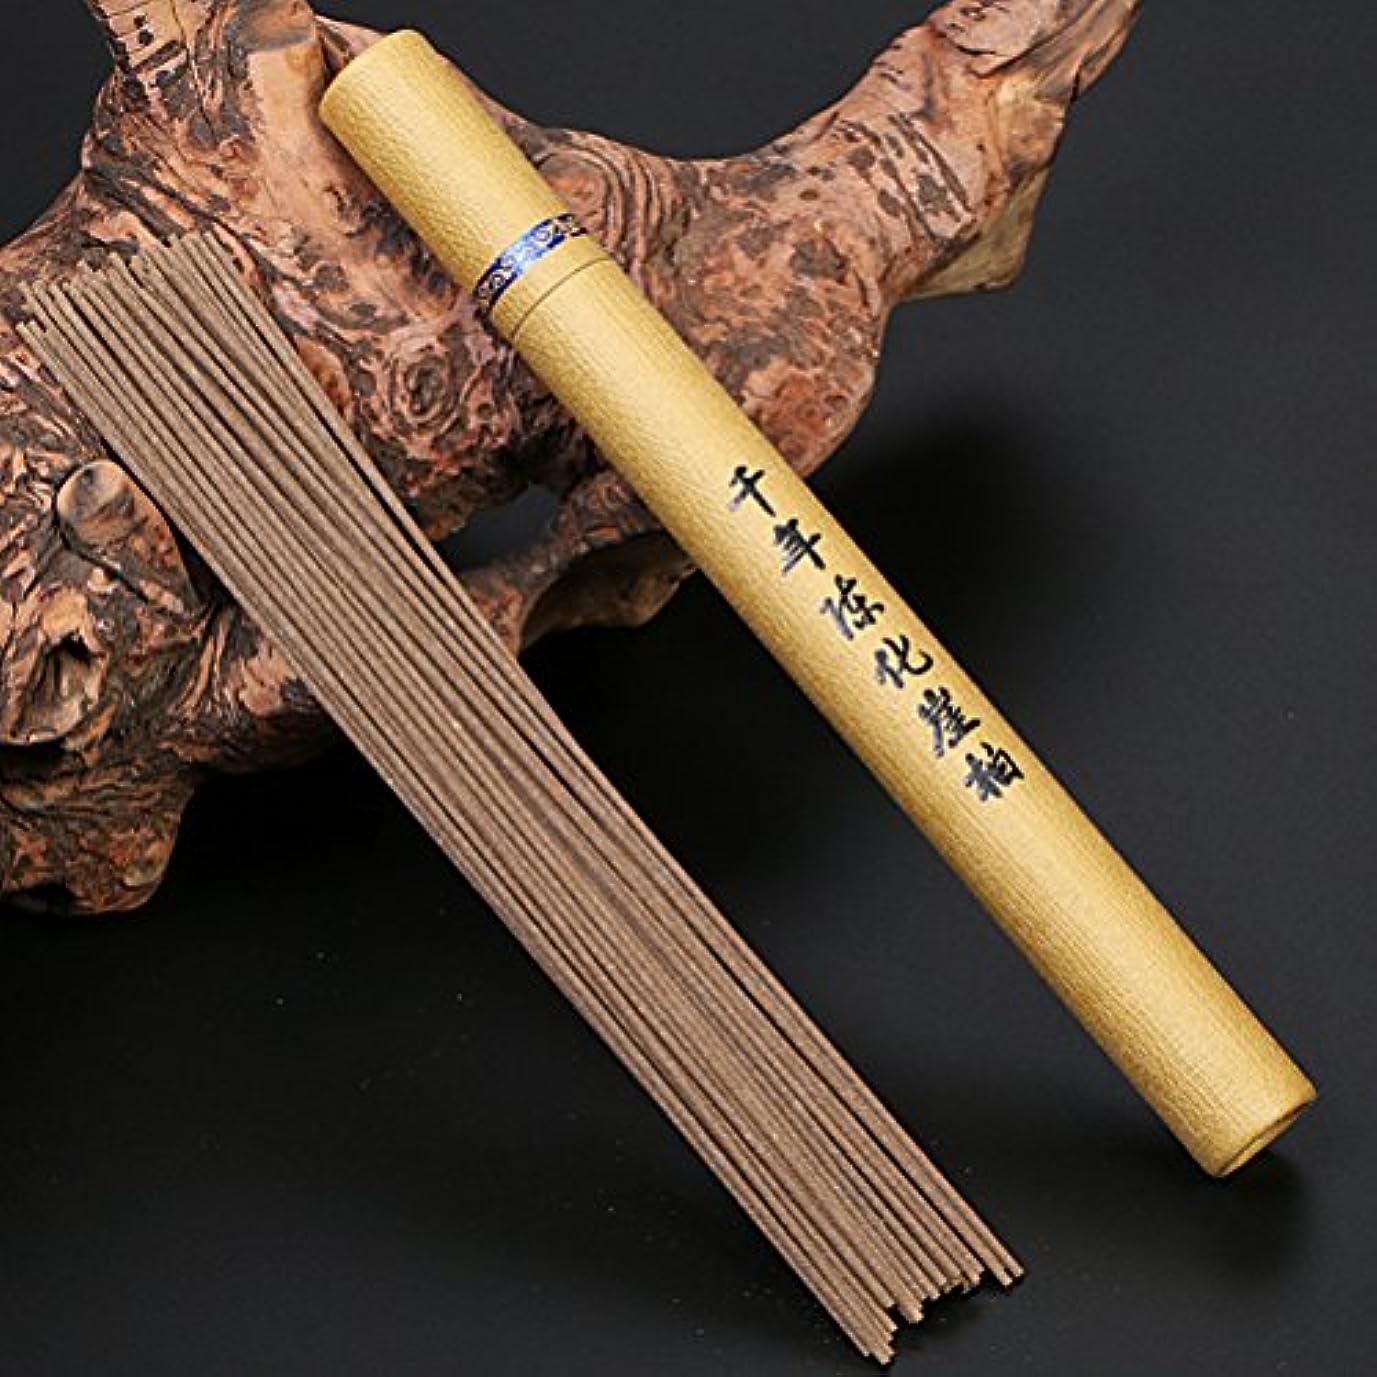 型リマ目覚めるdatingdayインポート中国レトロヨモギサンダルウッド。。。Incense Stick for yoga chakra Sleep健康20 g /ユニット USDDHG20180317PM-6